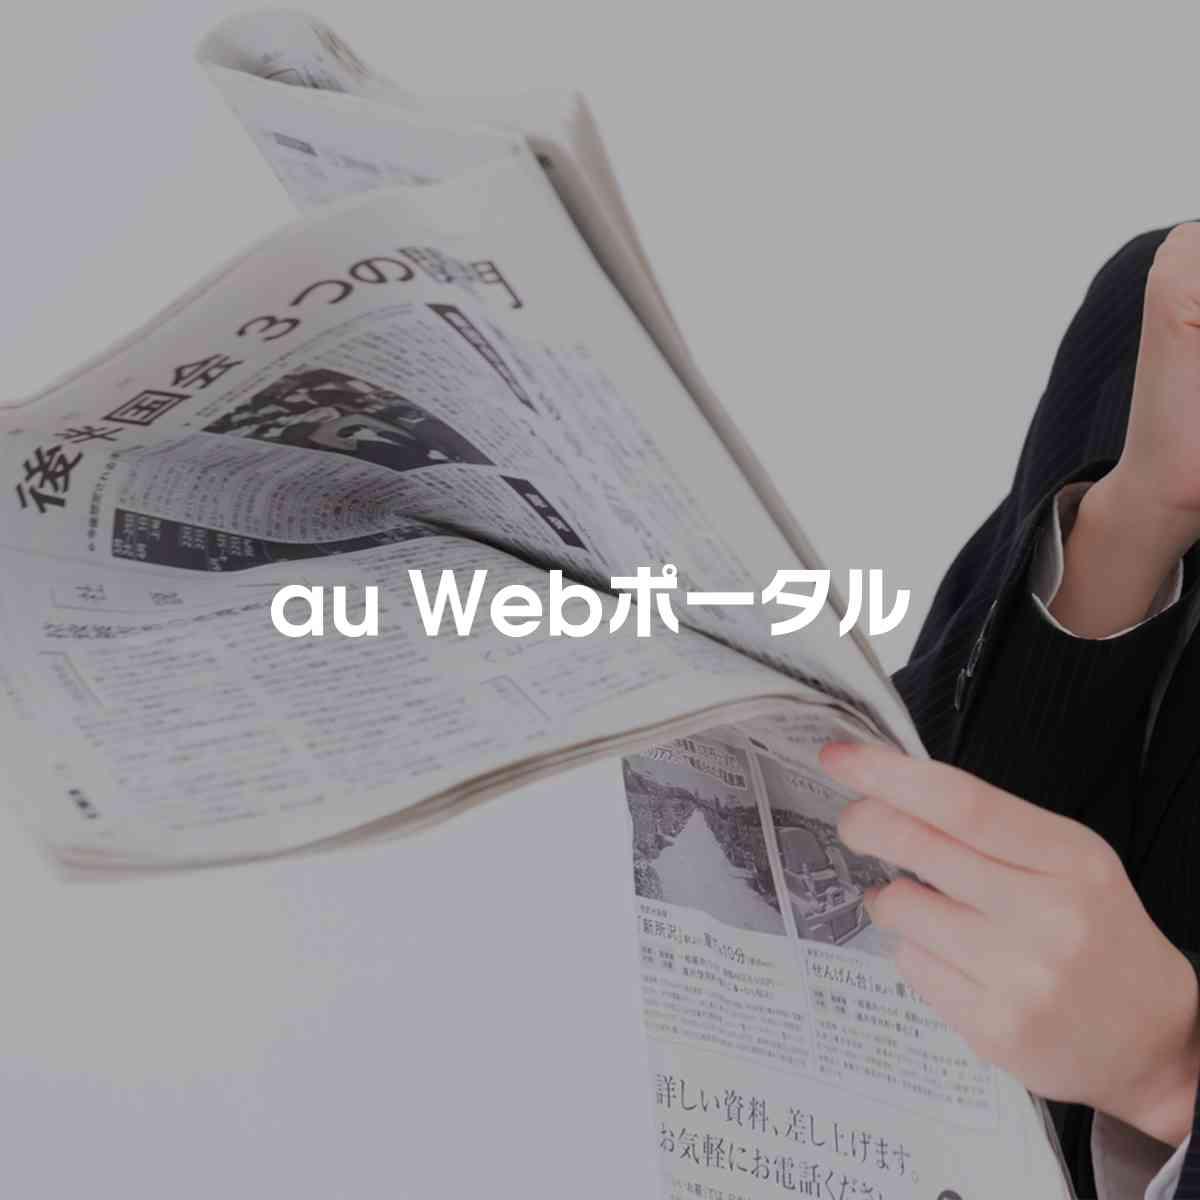 栃木 大雨で浸水や冠水被害 au Webポータル国内ニュース